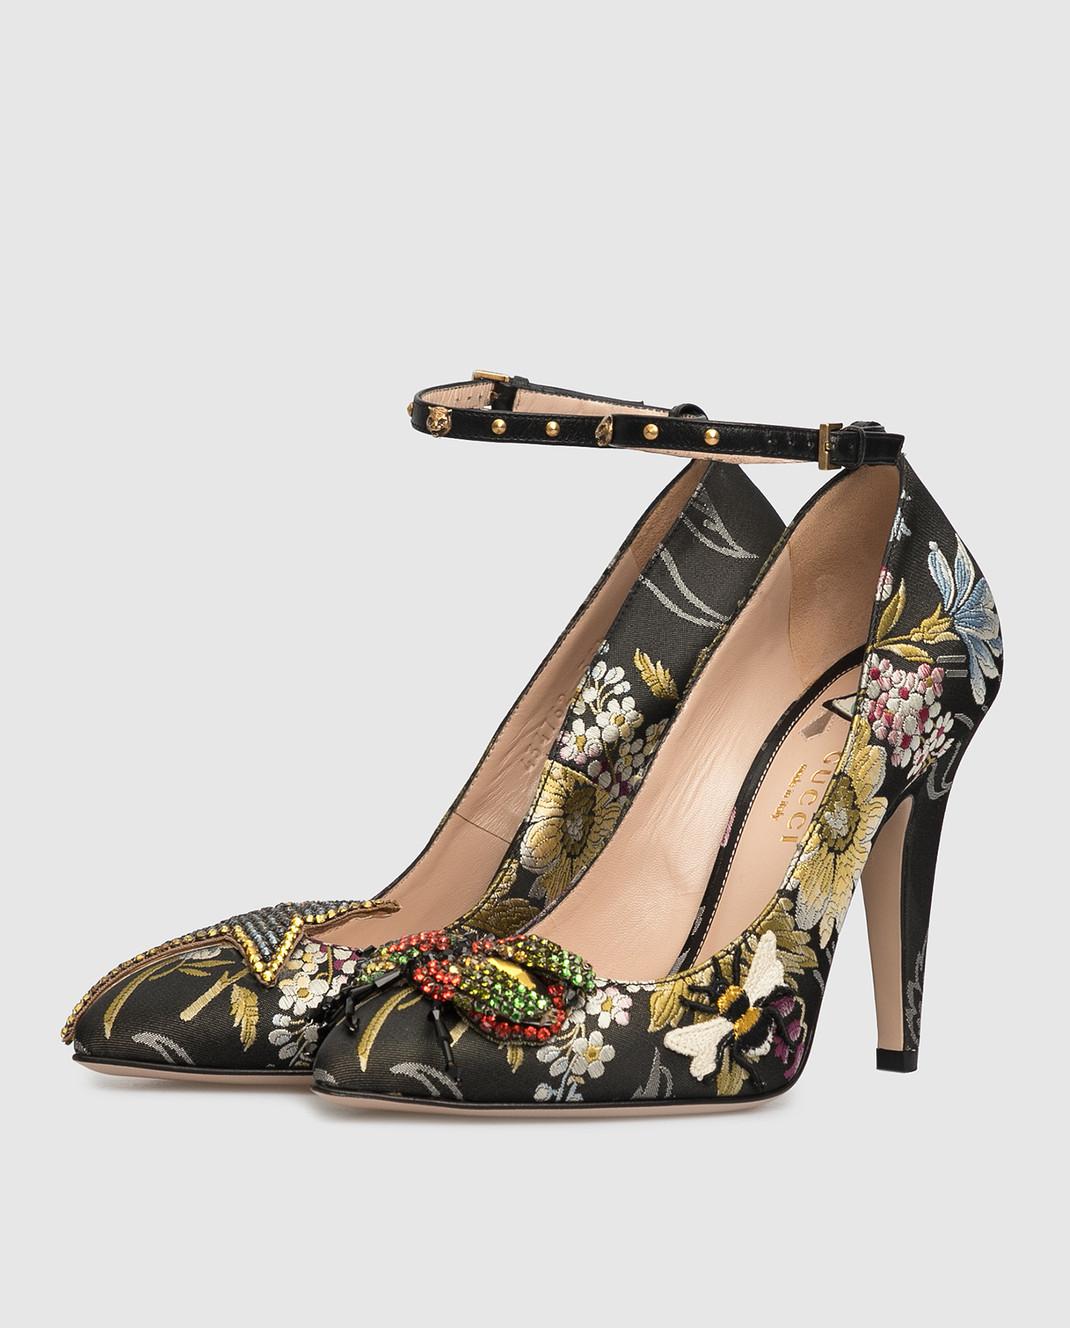 Gucci Черные туфли с кристаллами 434762 изображение 3